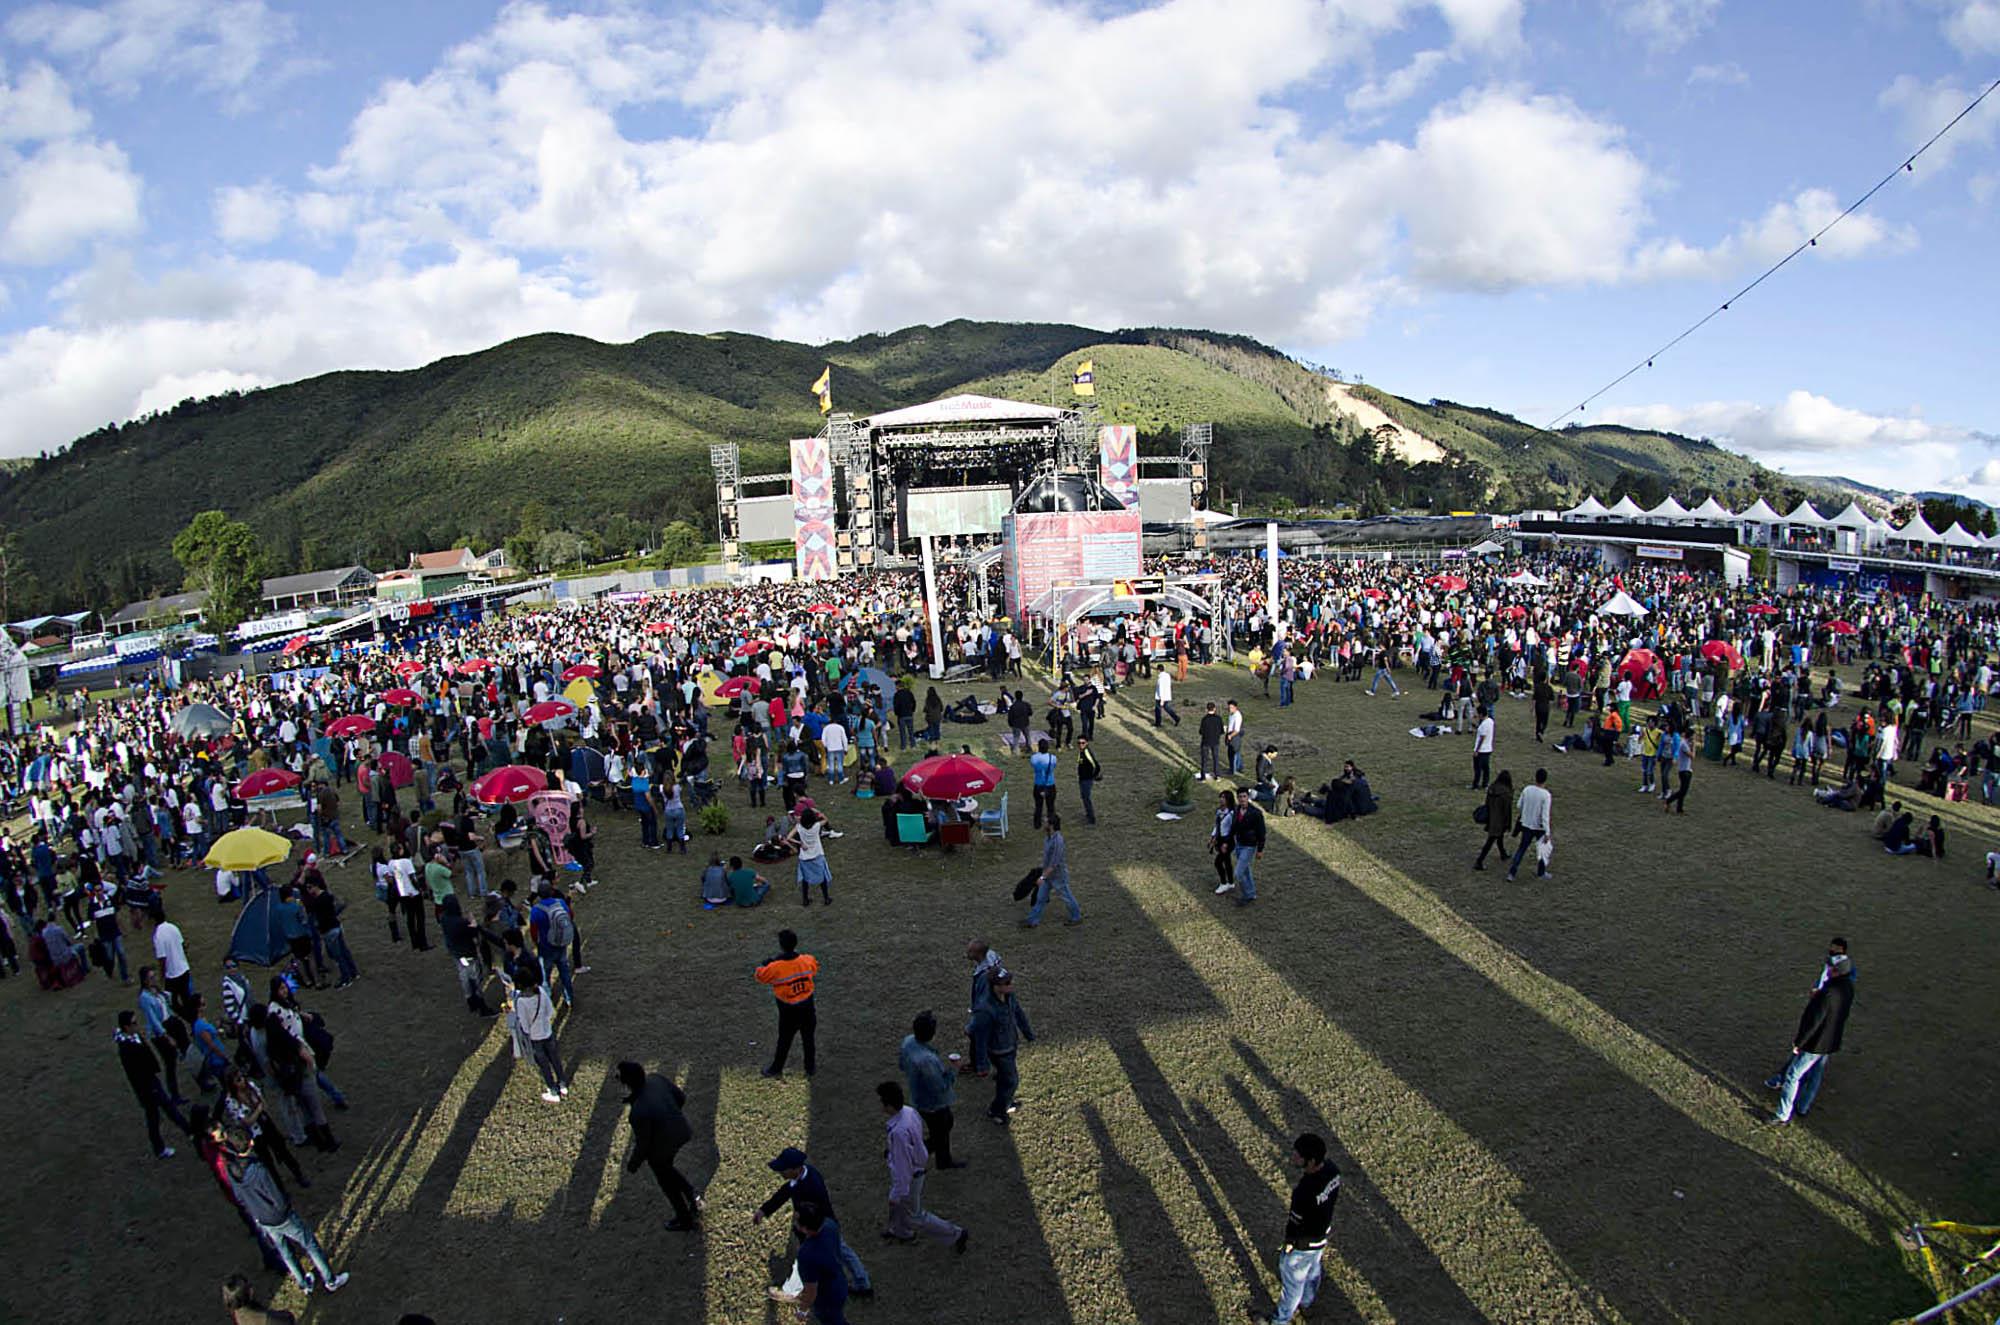 Festival Estereo Picnic 2014 Festival Estéreo Picnic